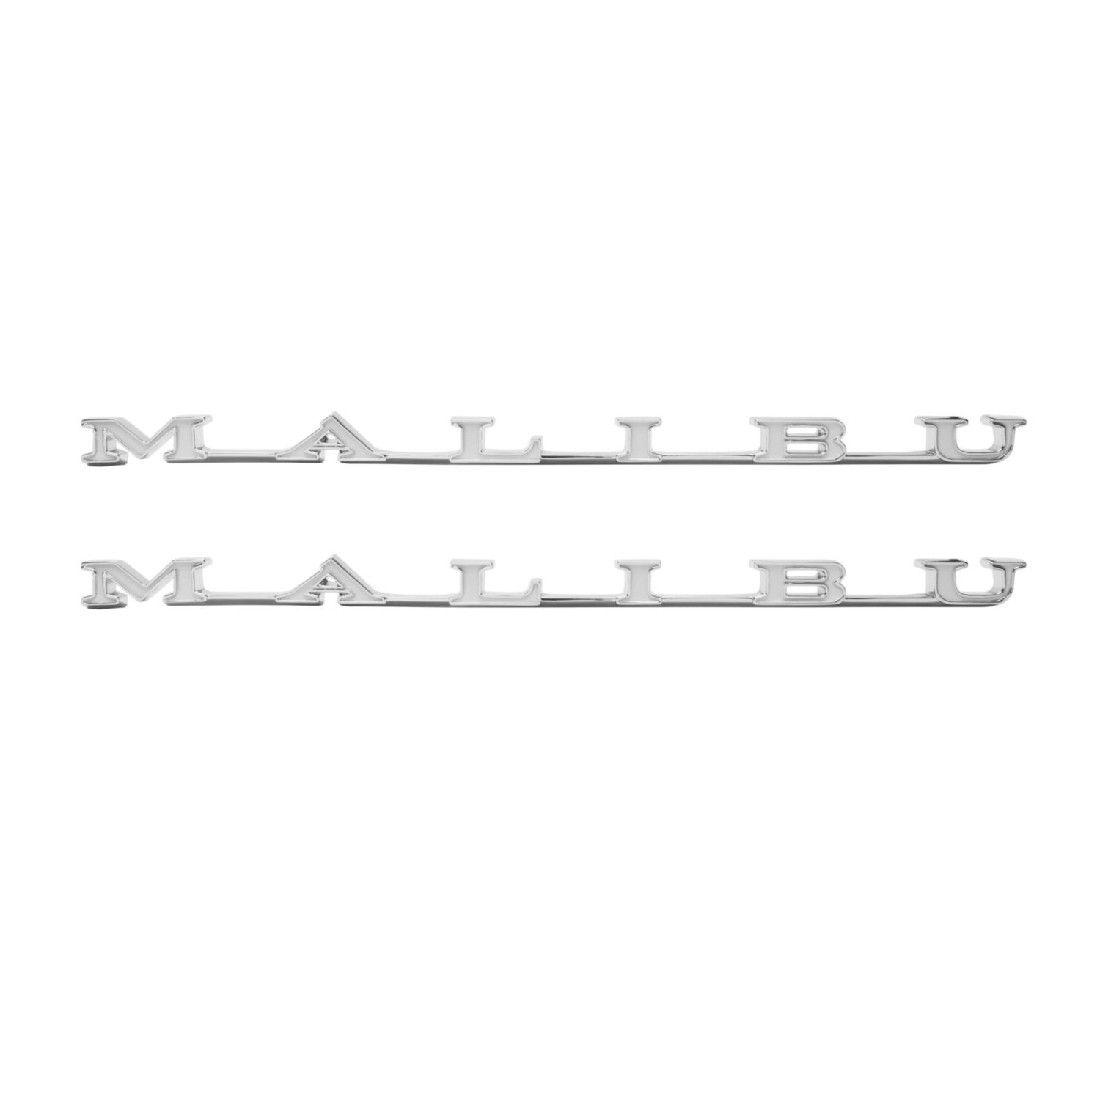 1970 Chevelle Malibu Fender Emblems